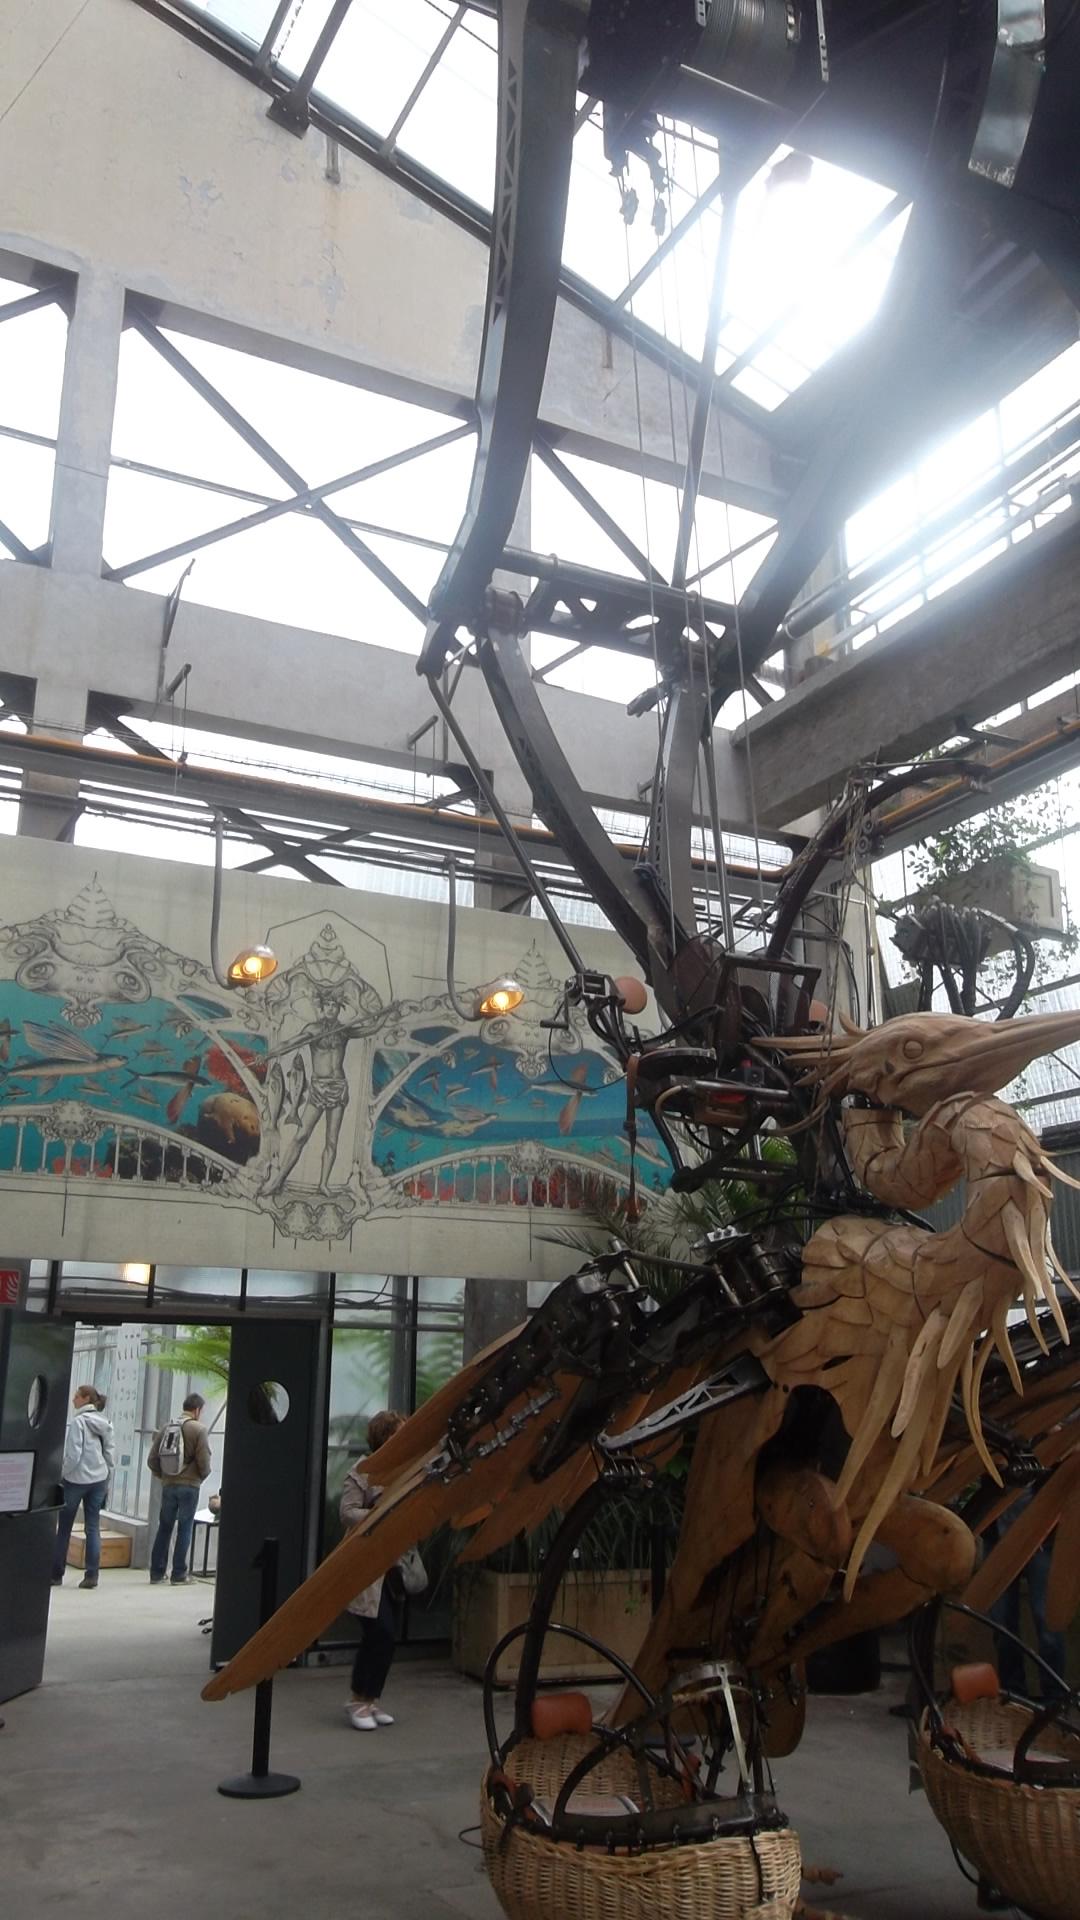 nantes-galerie-des-machines-arbre-aux-herons-my13